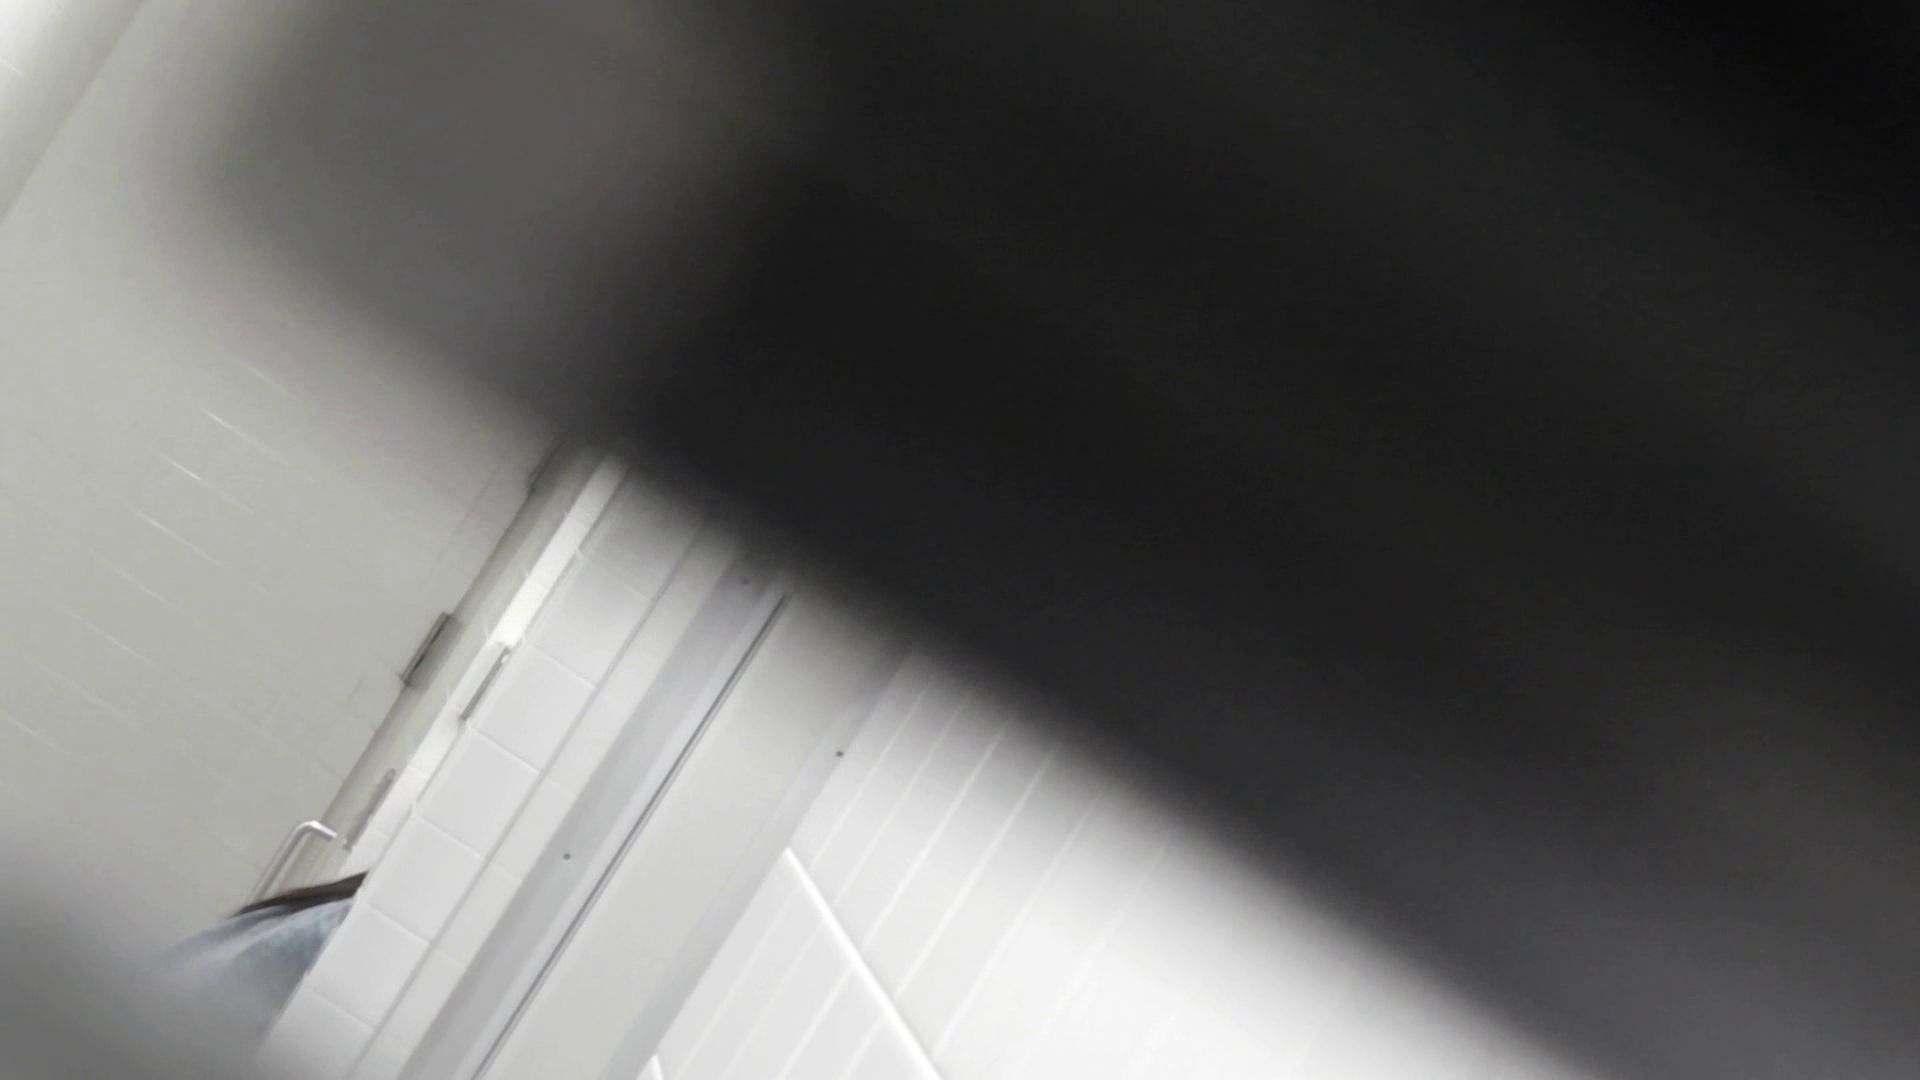 vol.20 命がけ潜伏洗面所! 清楚系可愛いギャル OLの実態 盗撮エロ画像 103pic 10